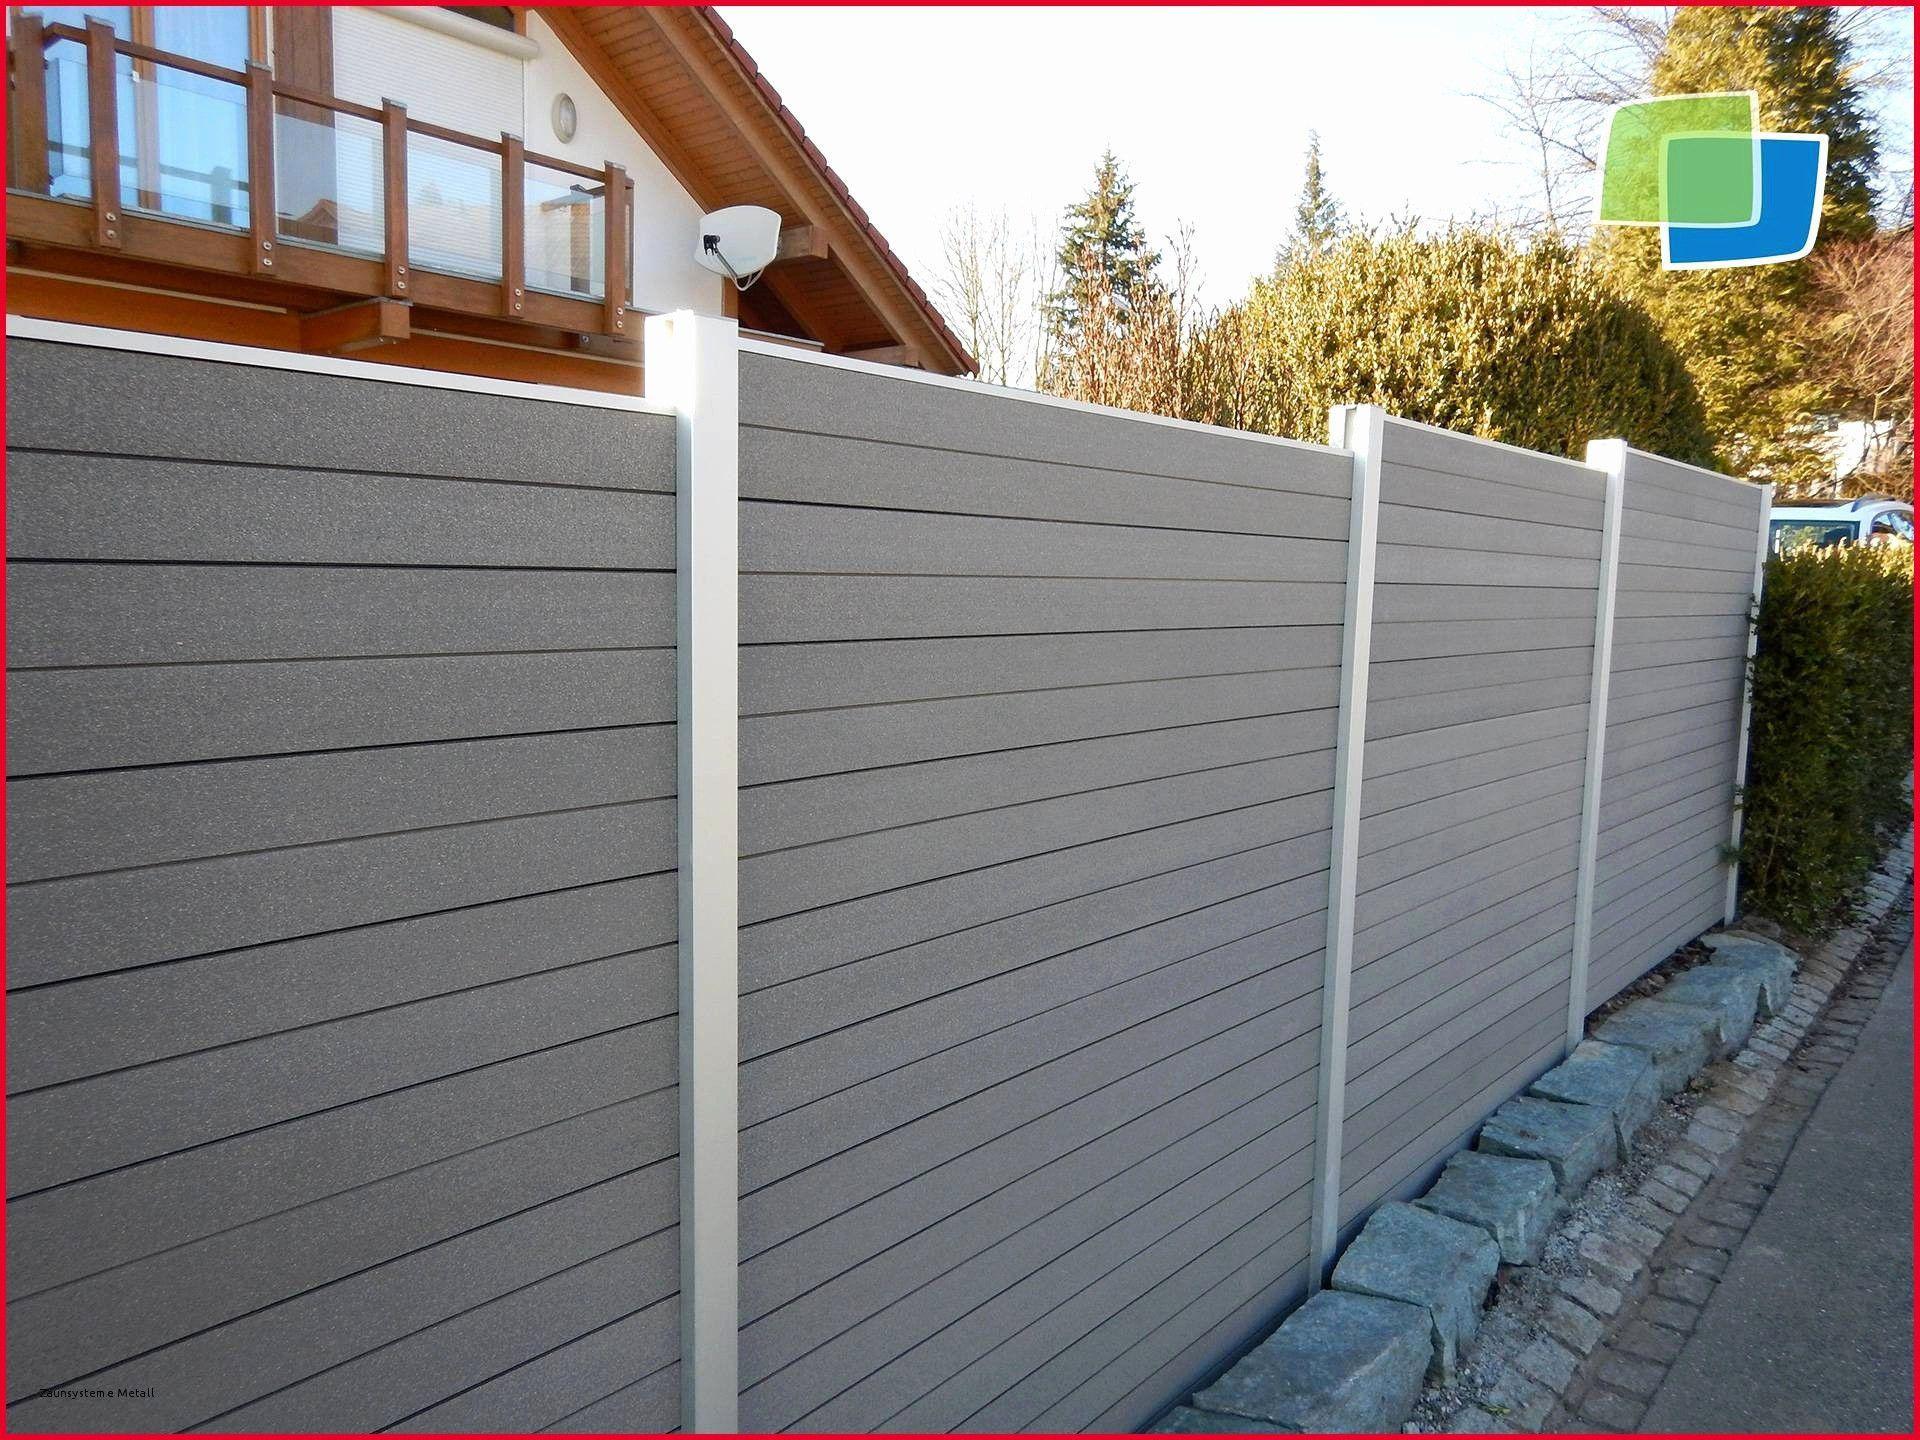 Luxus 41 Fur Sichtschutz Metall Preise Sichtschutzfurterrasse